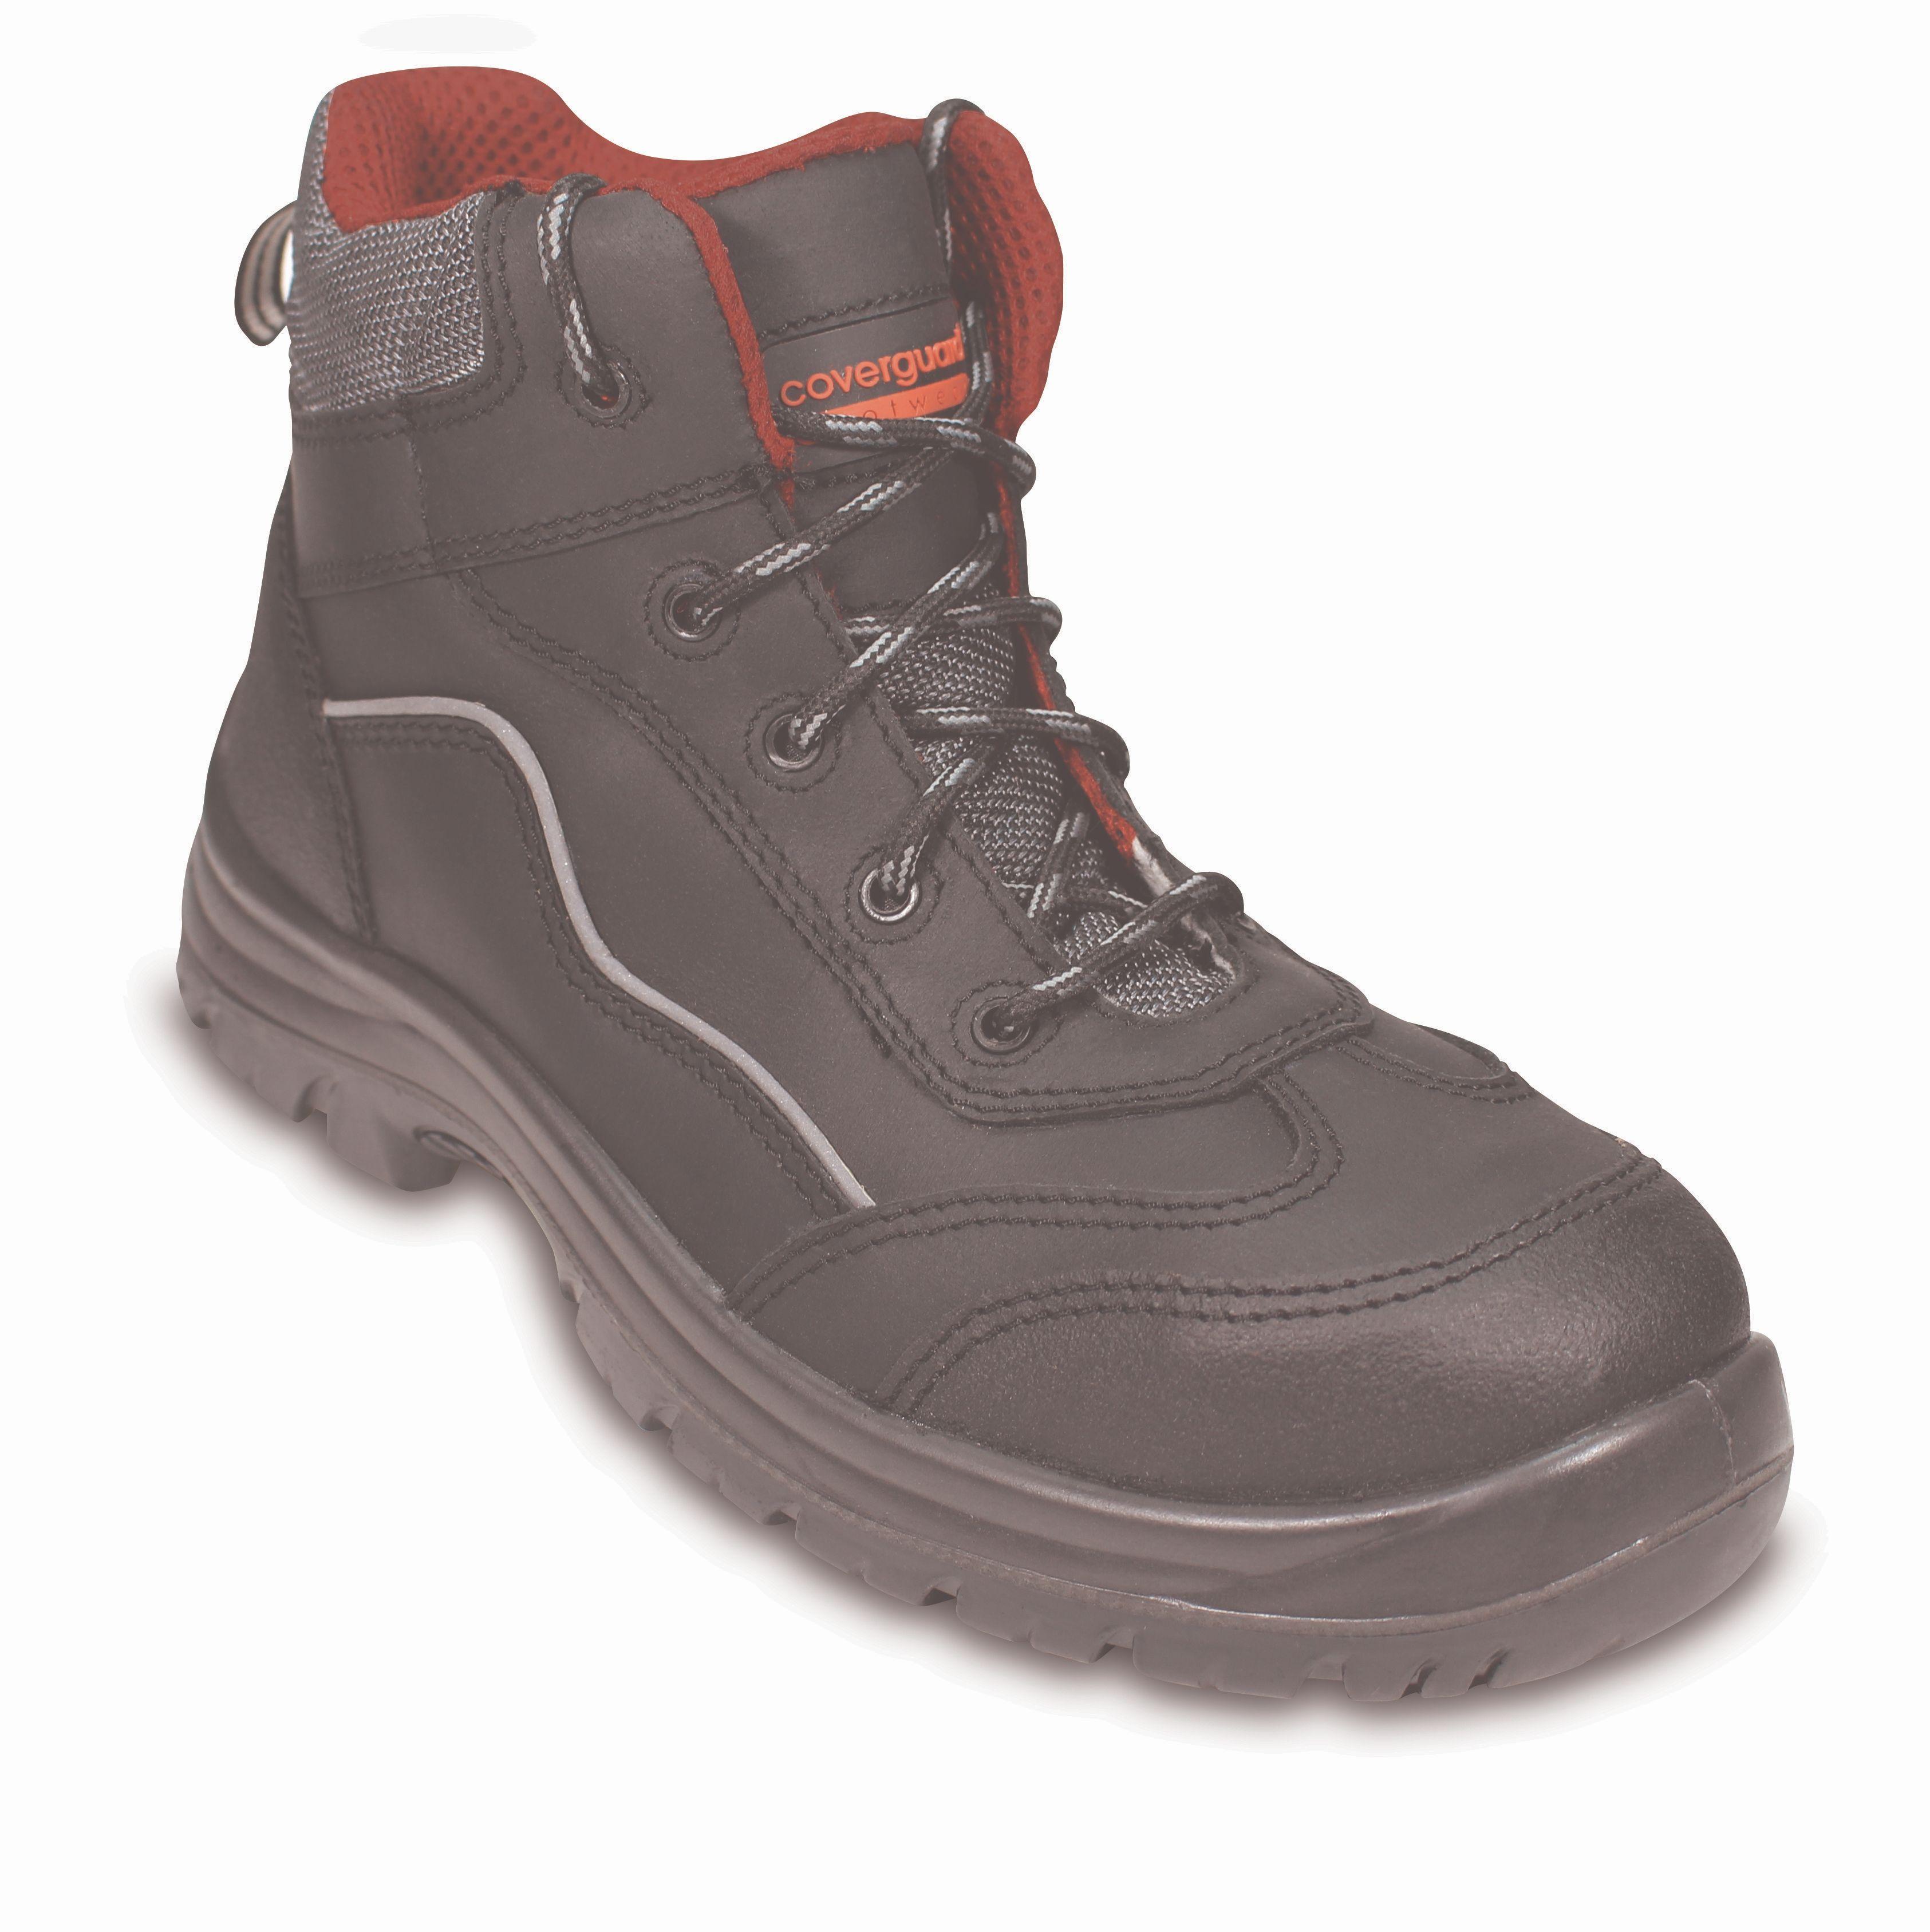 Zaštitna cipela ANDESITE II S3 visoka crna kompozitna kapica